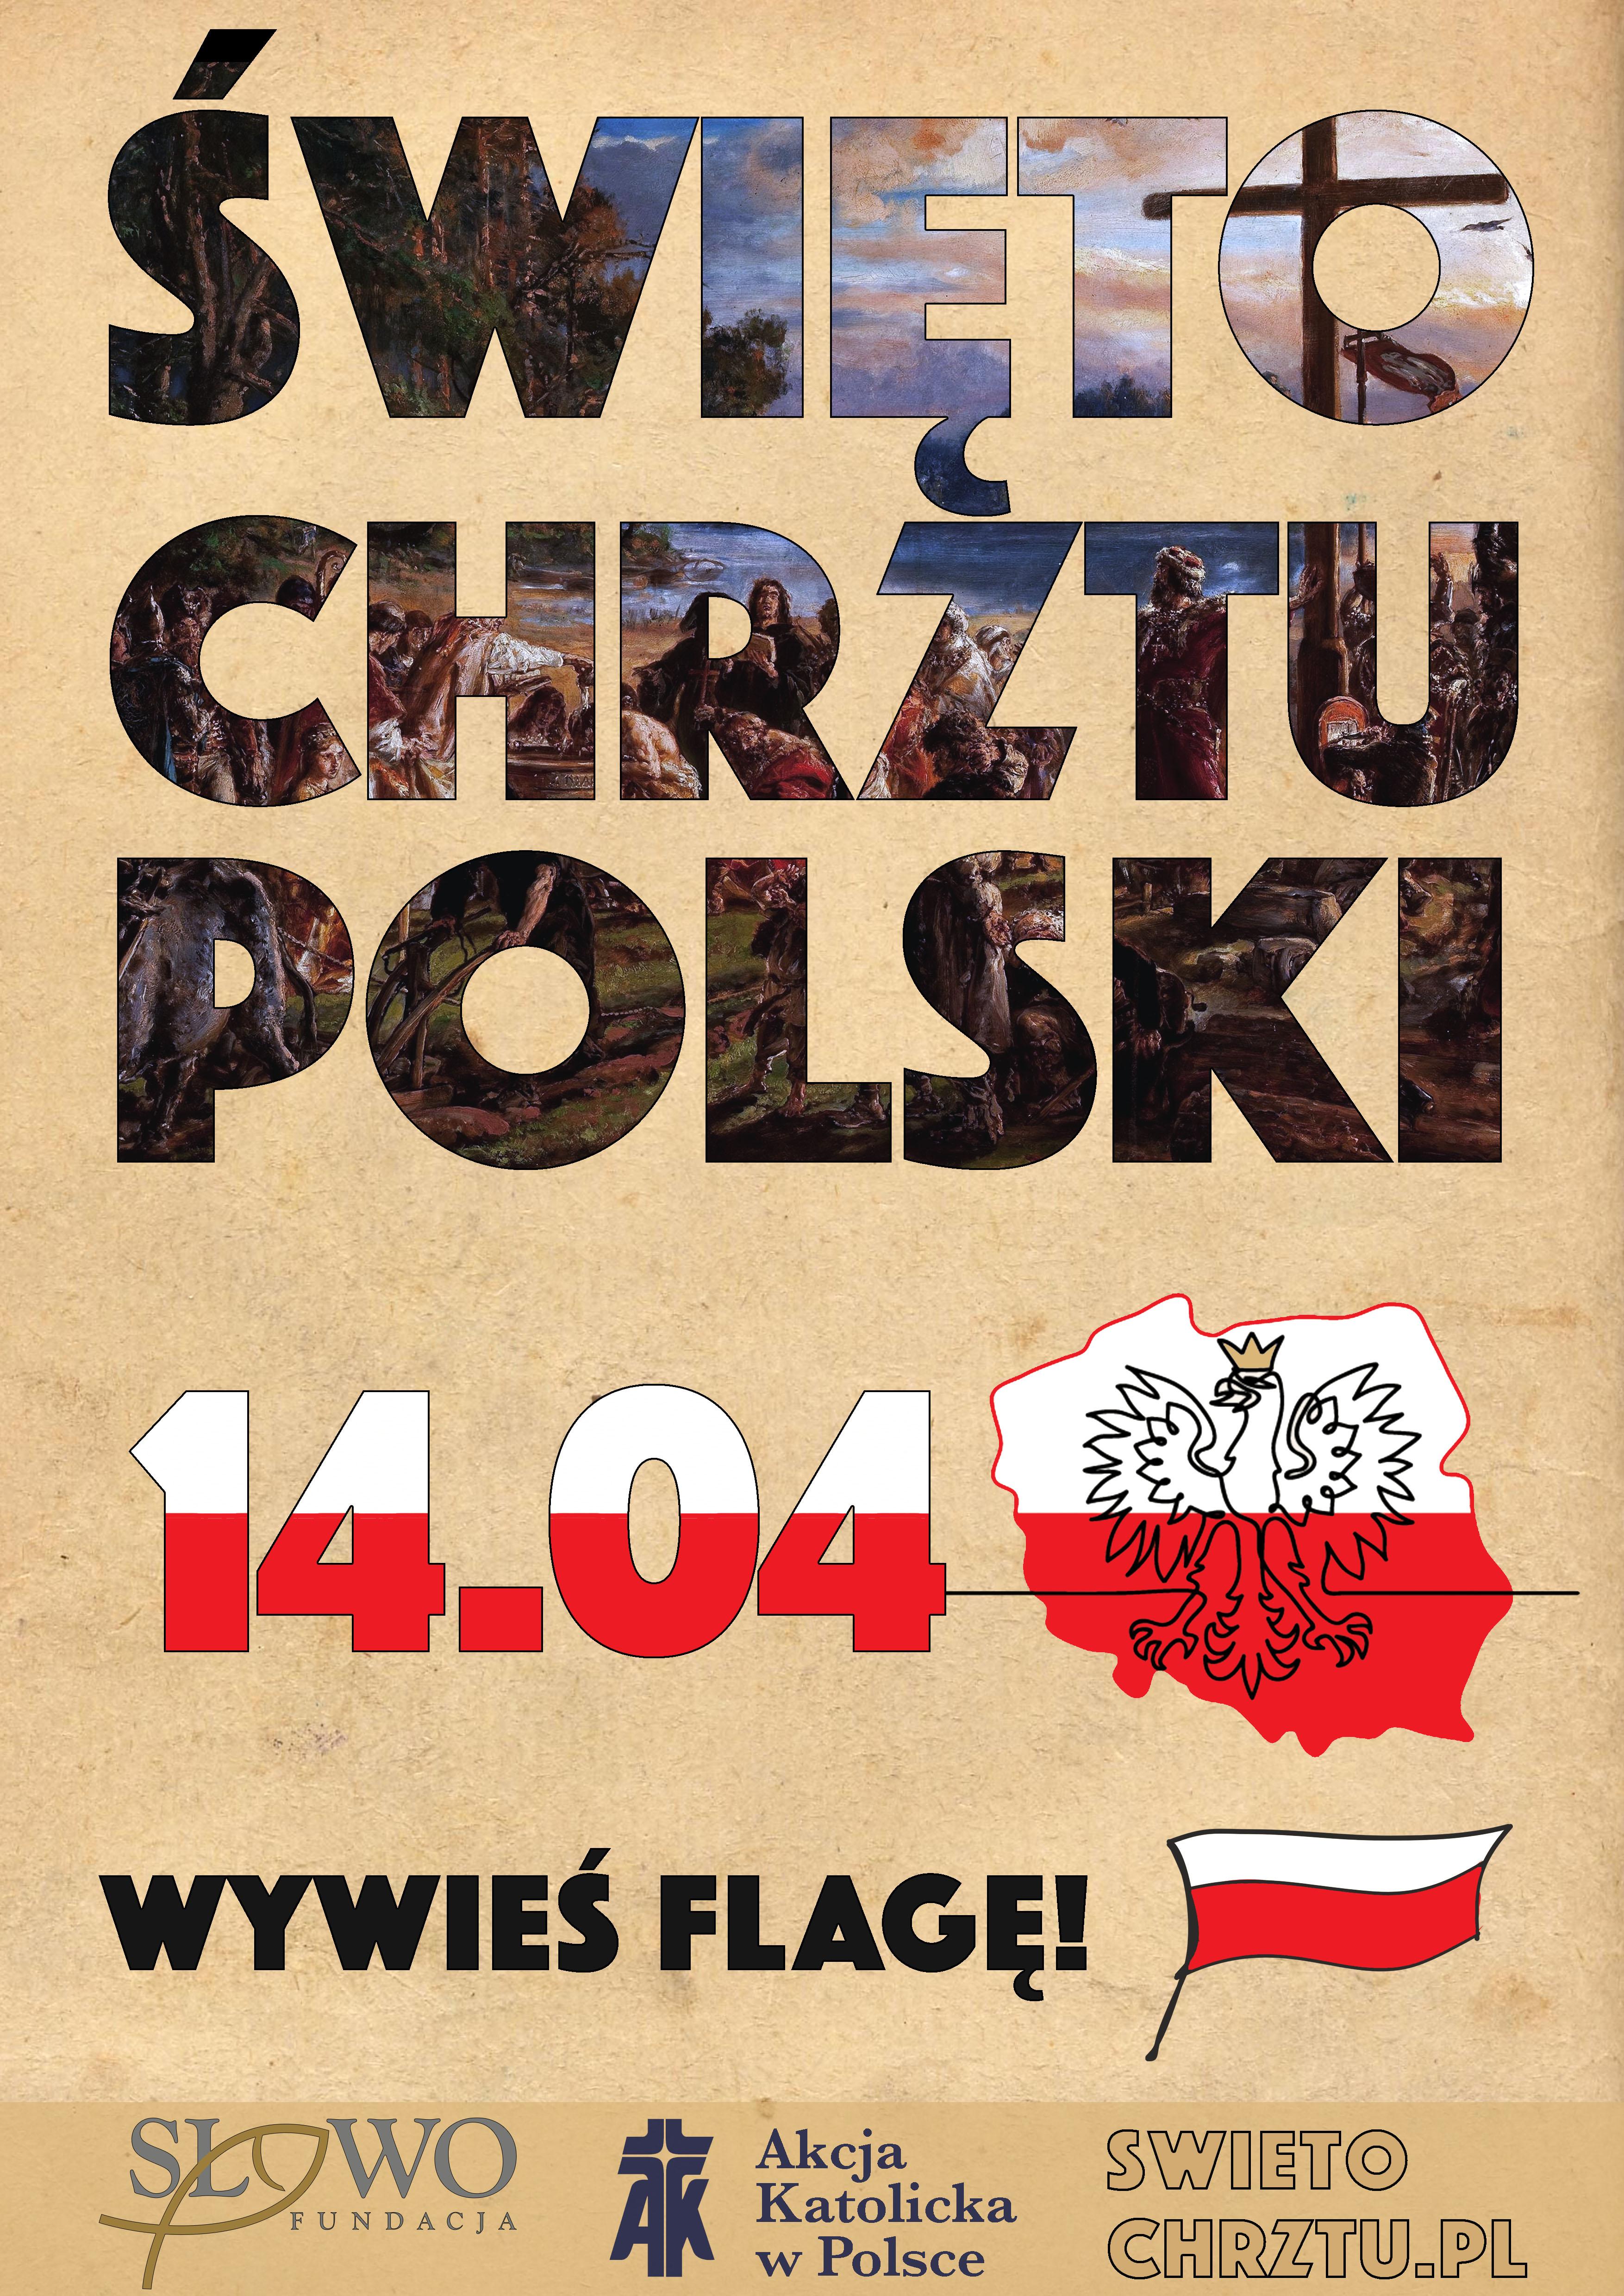 https://m.powiatszczycienski.pl/2021/04/orig/swietochrztuplakatwywiesflage1404-39600.jpg